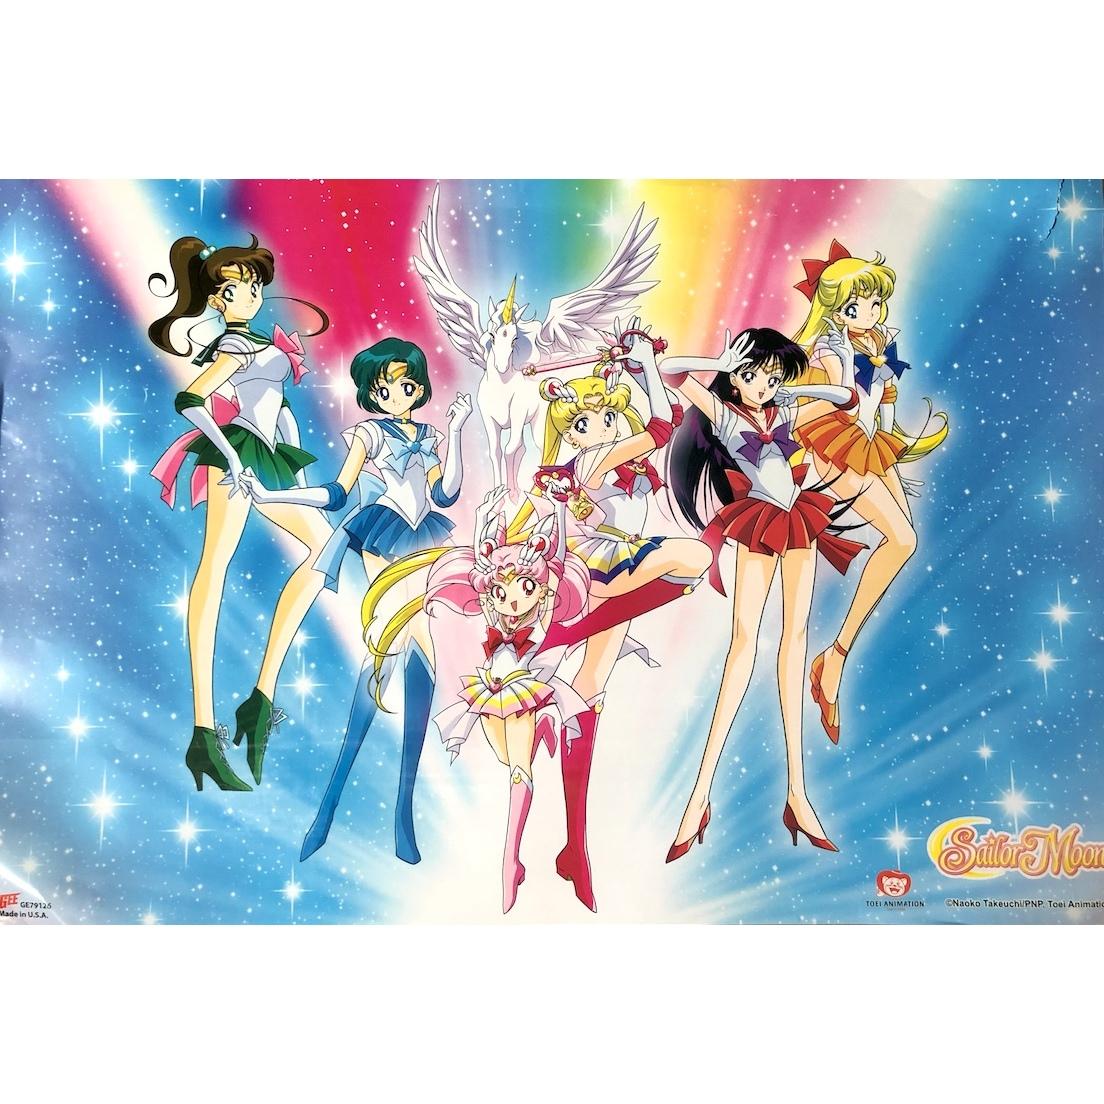 51904-sailor-moon-rainbow-poster